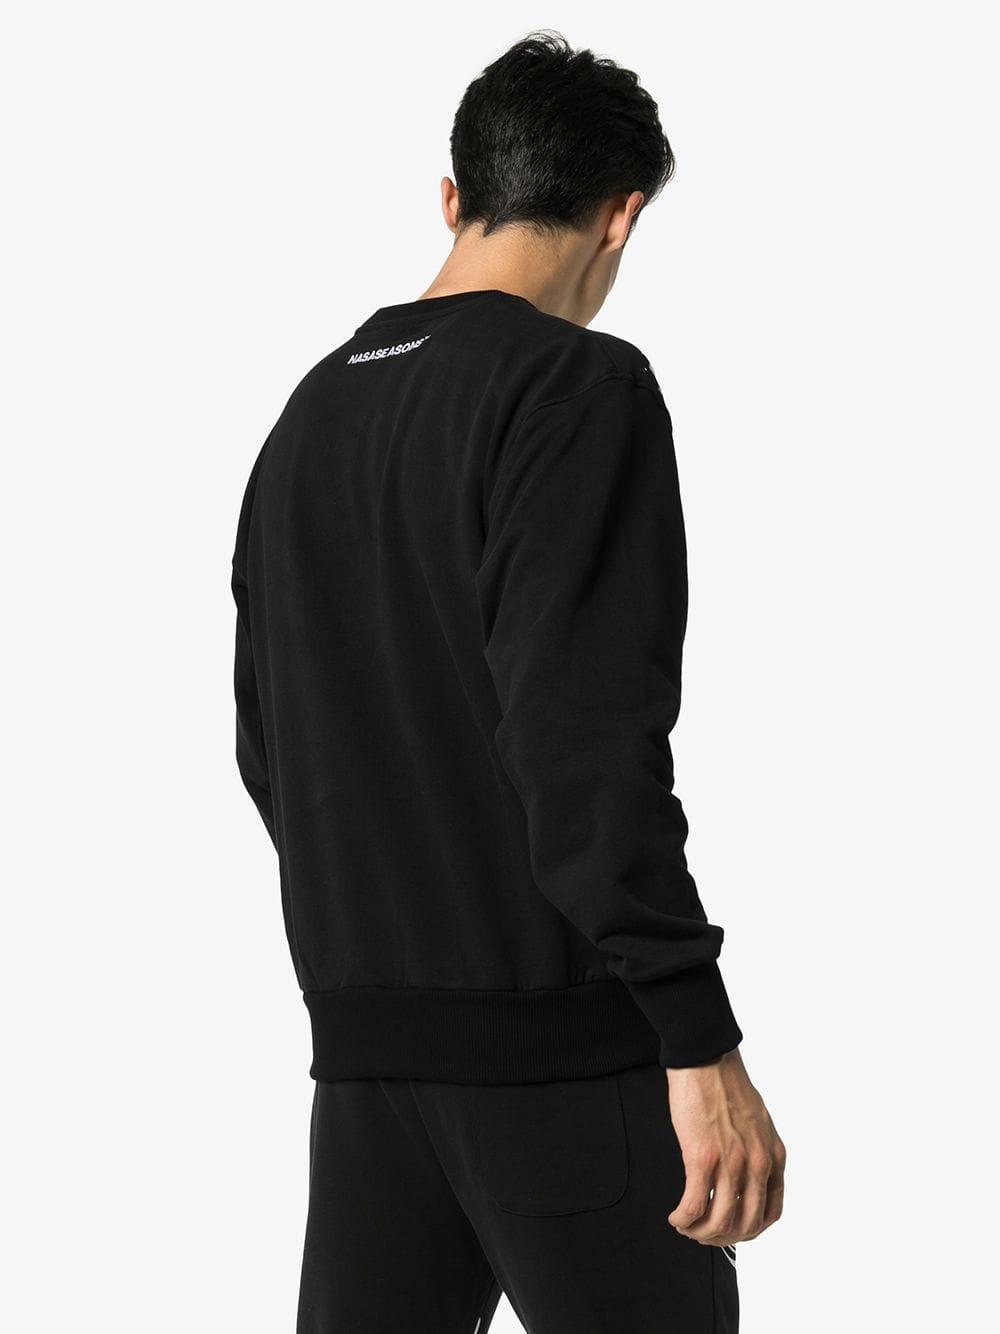 Picture of Nasaseasons | Broken-Chain Print Sweatshirt